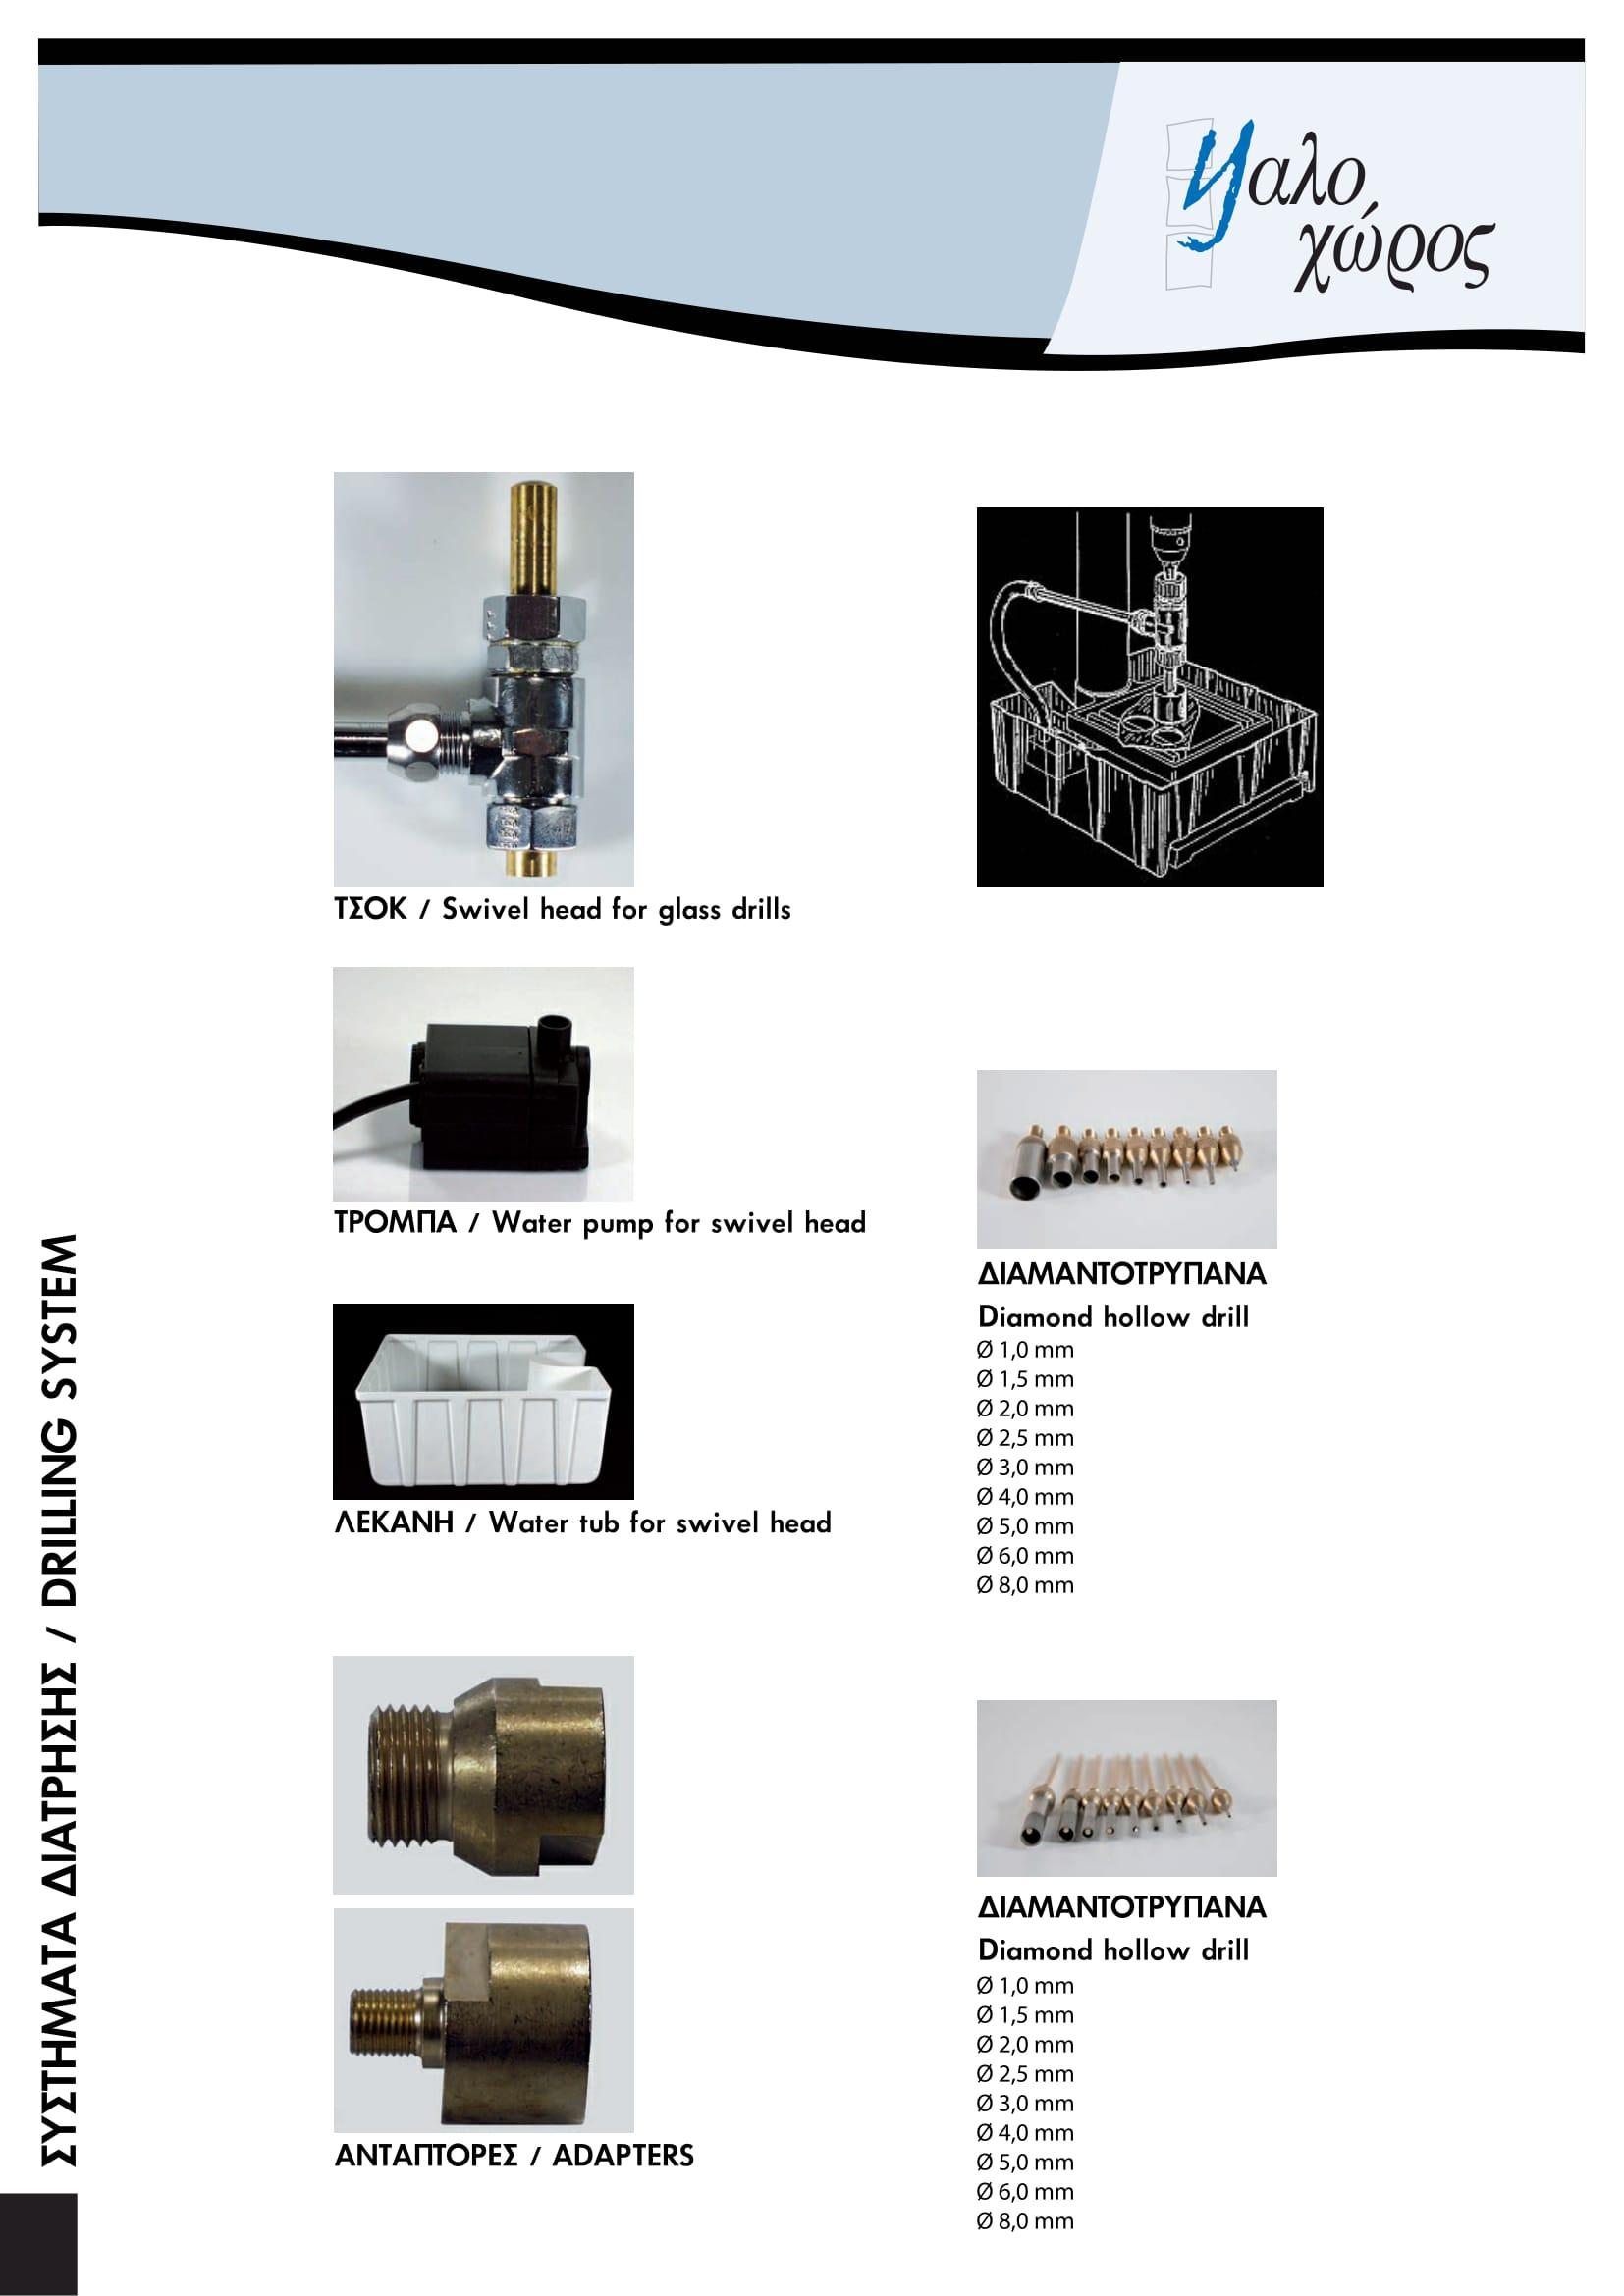 6. Συστήματα διάτρησης